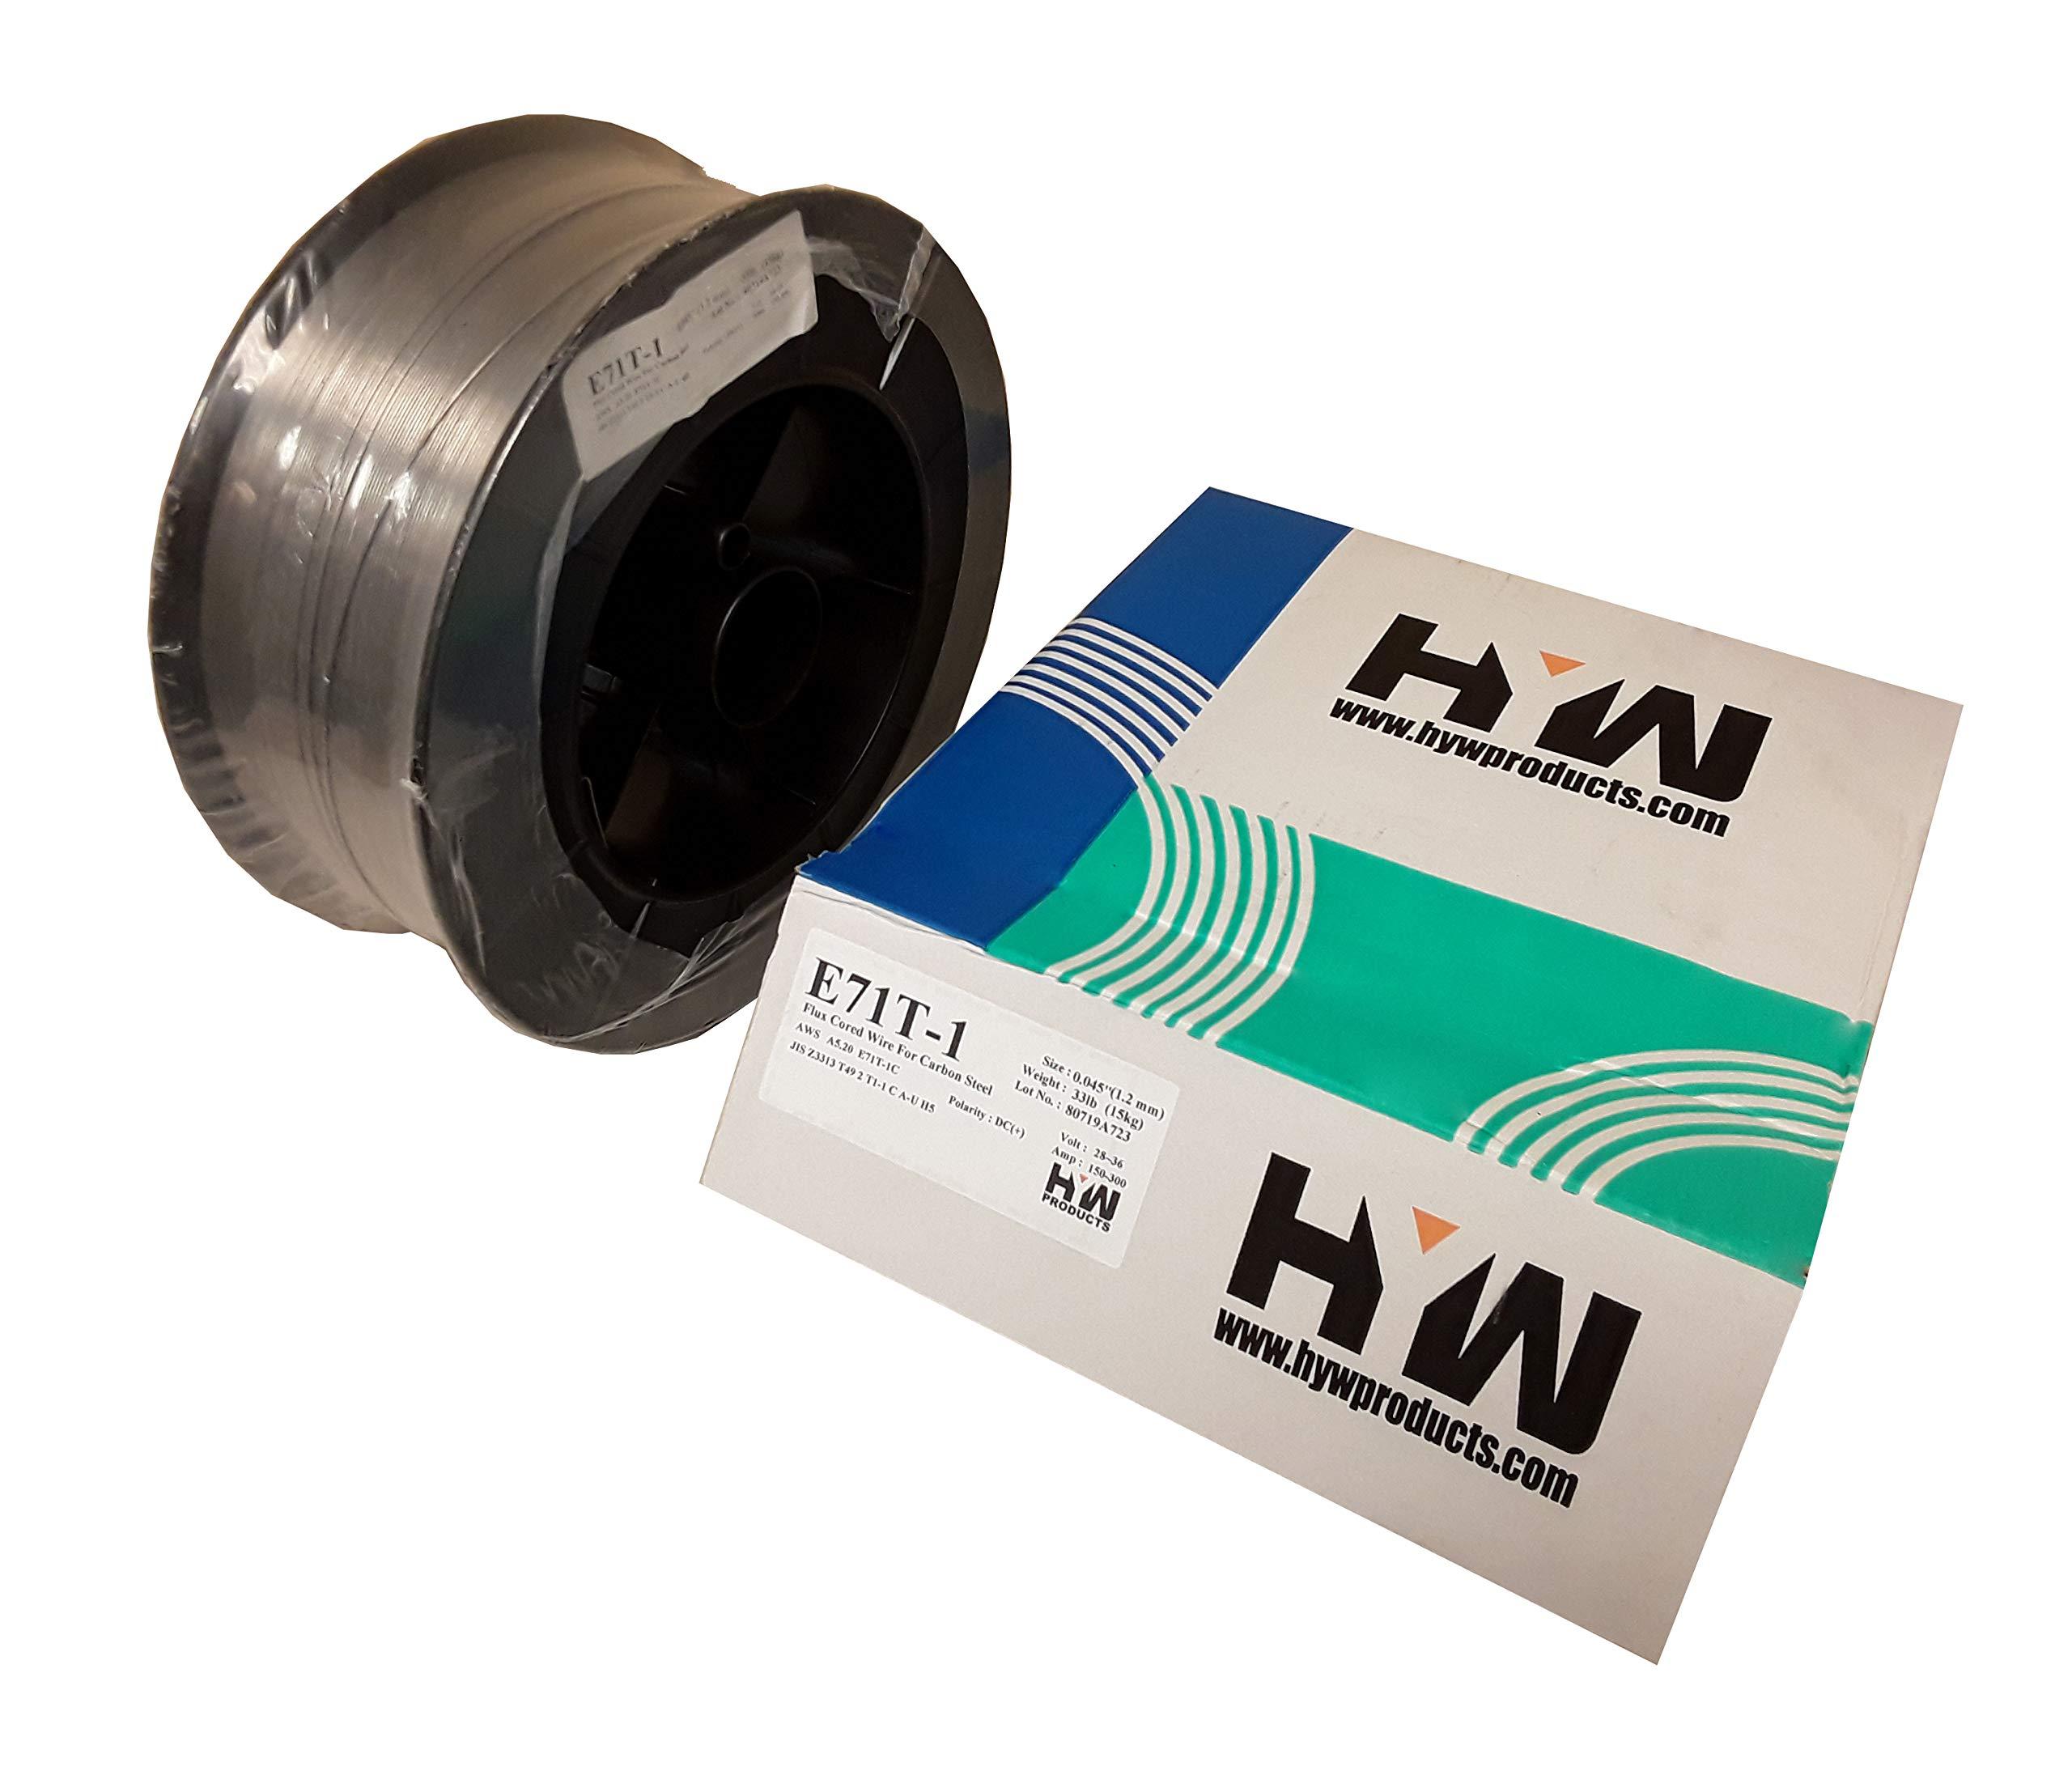 E71T-1M / 1C .045'' X 33# Flux cored welding wire E71T-1 Carbon Steel by Hy-weld